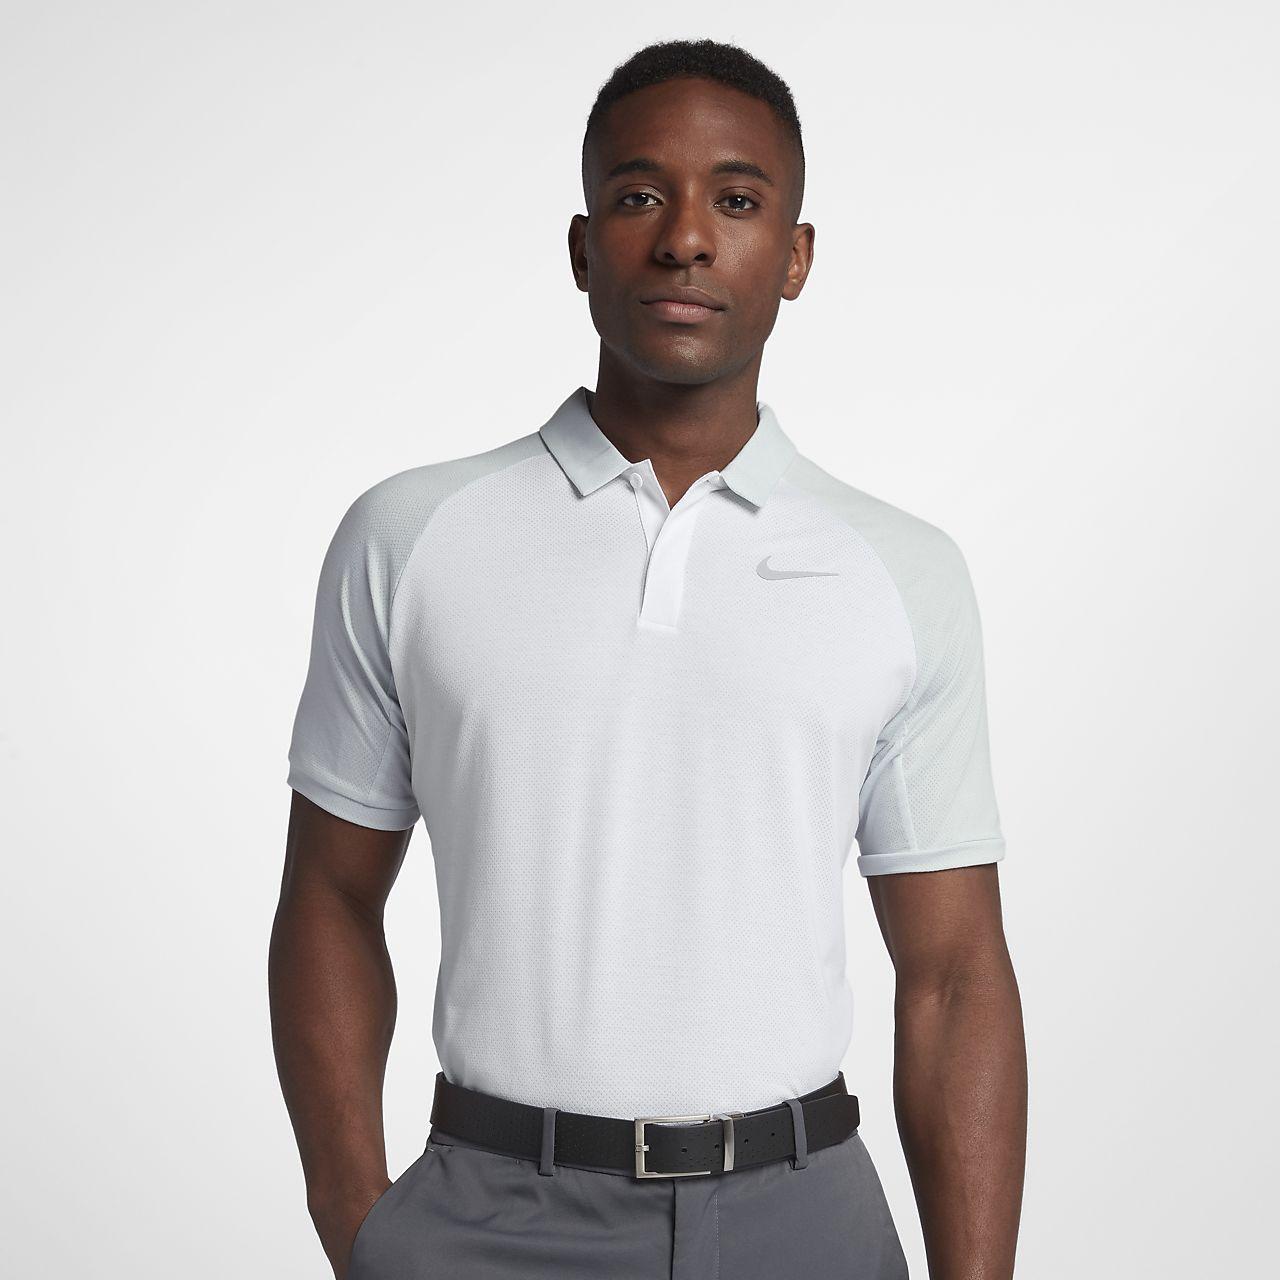 Golfpikétröja Nike Dri-FIT med normal passform för män